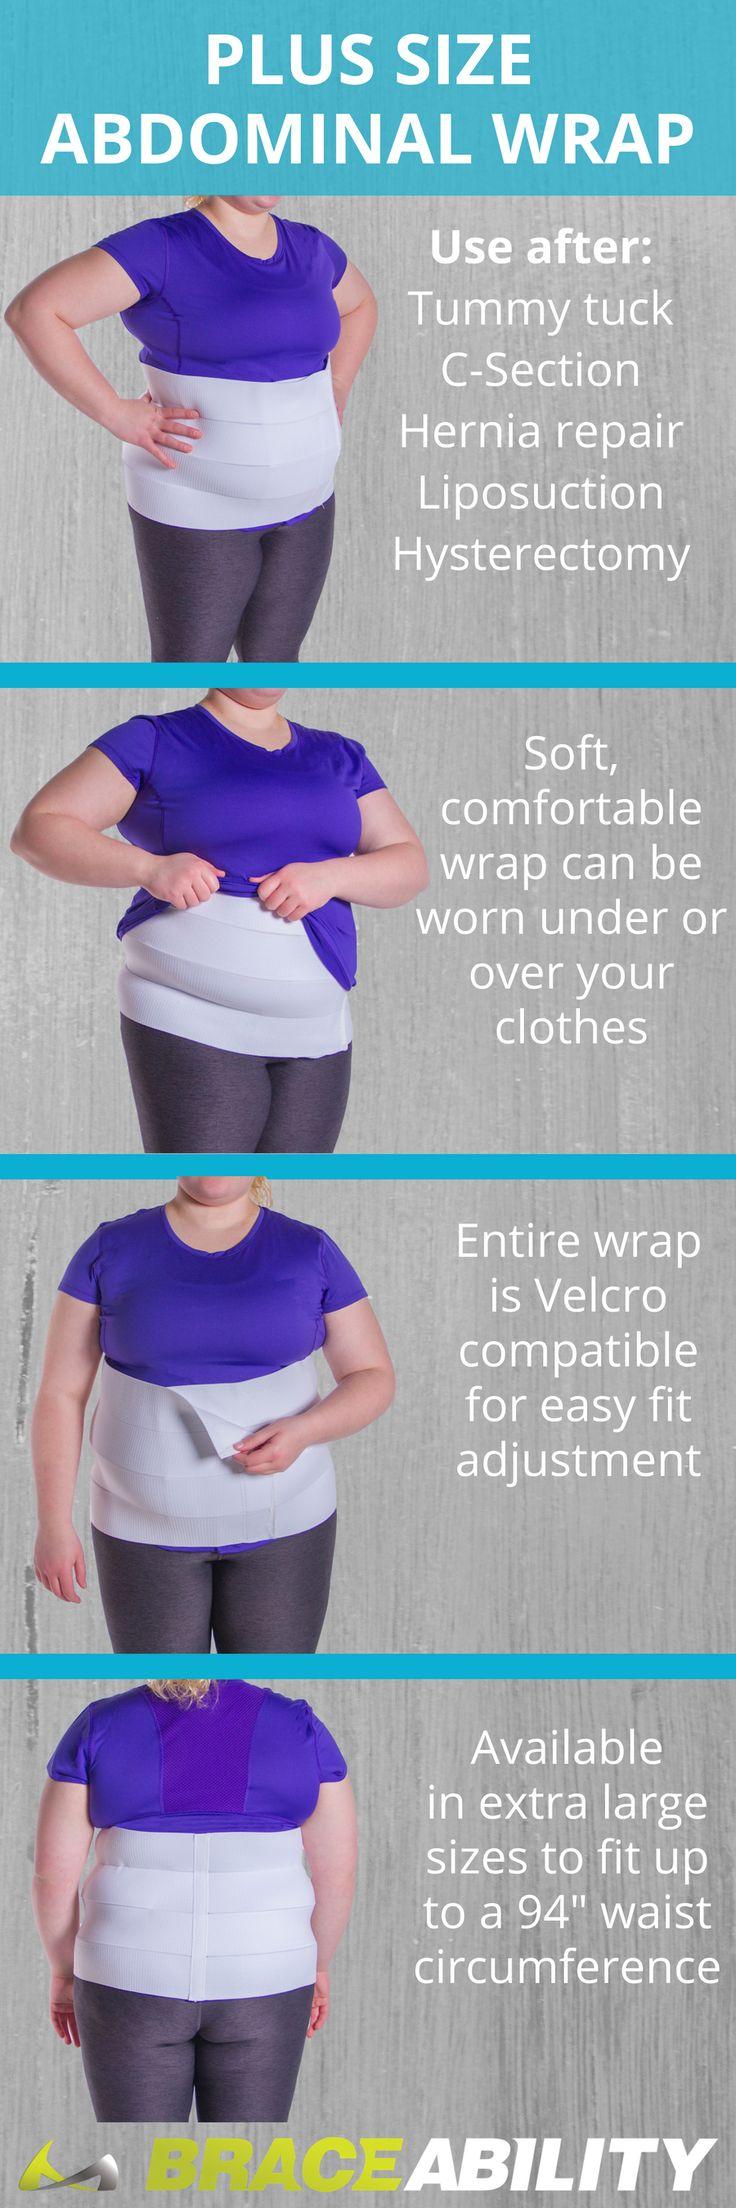 39 Best Obesity Pain Relief Plus Size Braces